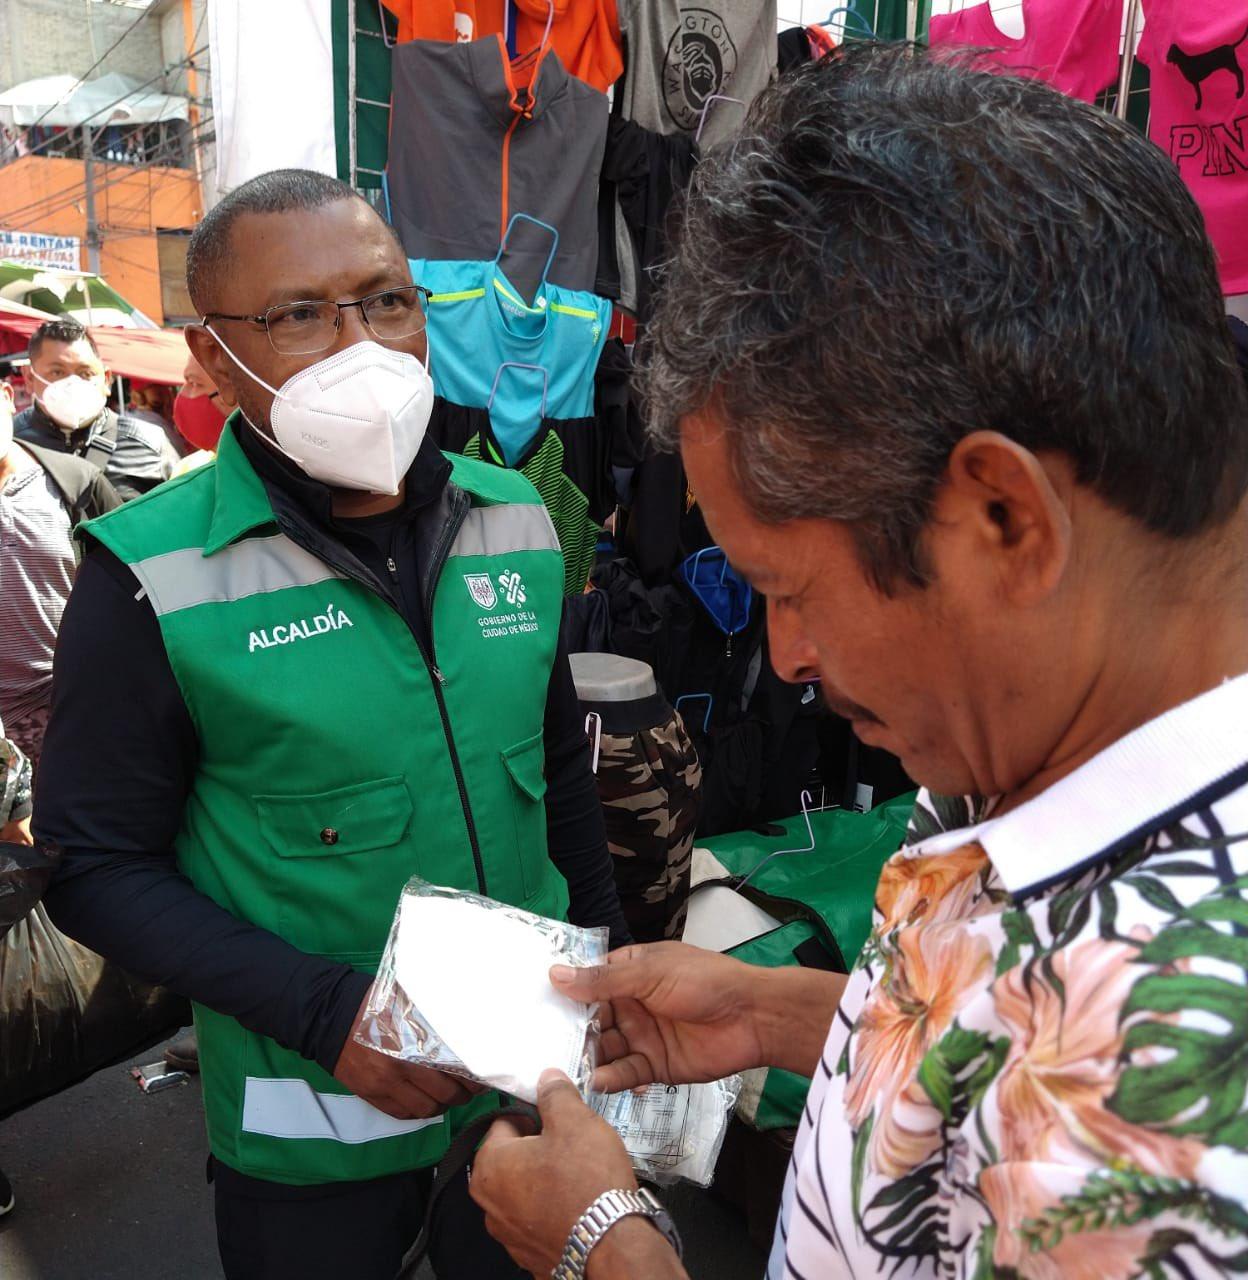 Sábado 9 de enero de 2021 - Juan Silva Noyola visitando el tianguis de Eje 10, en la colonia Pedregal de Santo Domingo, como parte de sus Jornadas de Concientización para mitigar los contagios de COVID-19.  Entregaron cubrebocas e invitaron a comerciantes y vecinos a seguir las medidas sanitarias.  Foto por Juan Silva Noyola / Twitter.